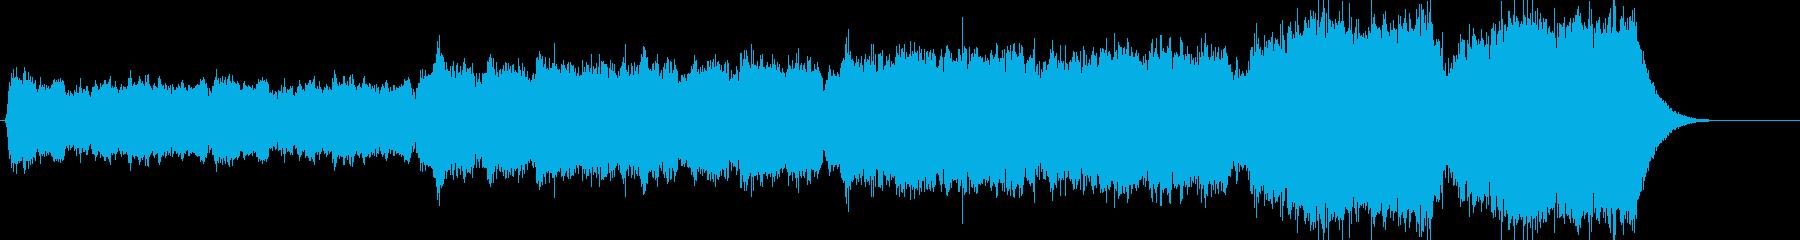 サスペンス系 不気味なストリングスの再生済みの波形